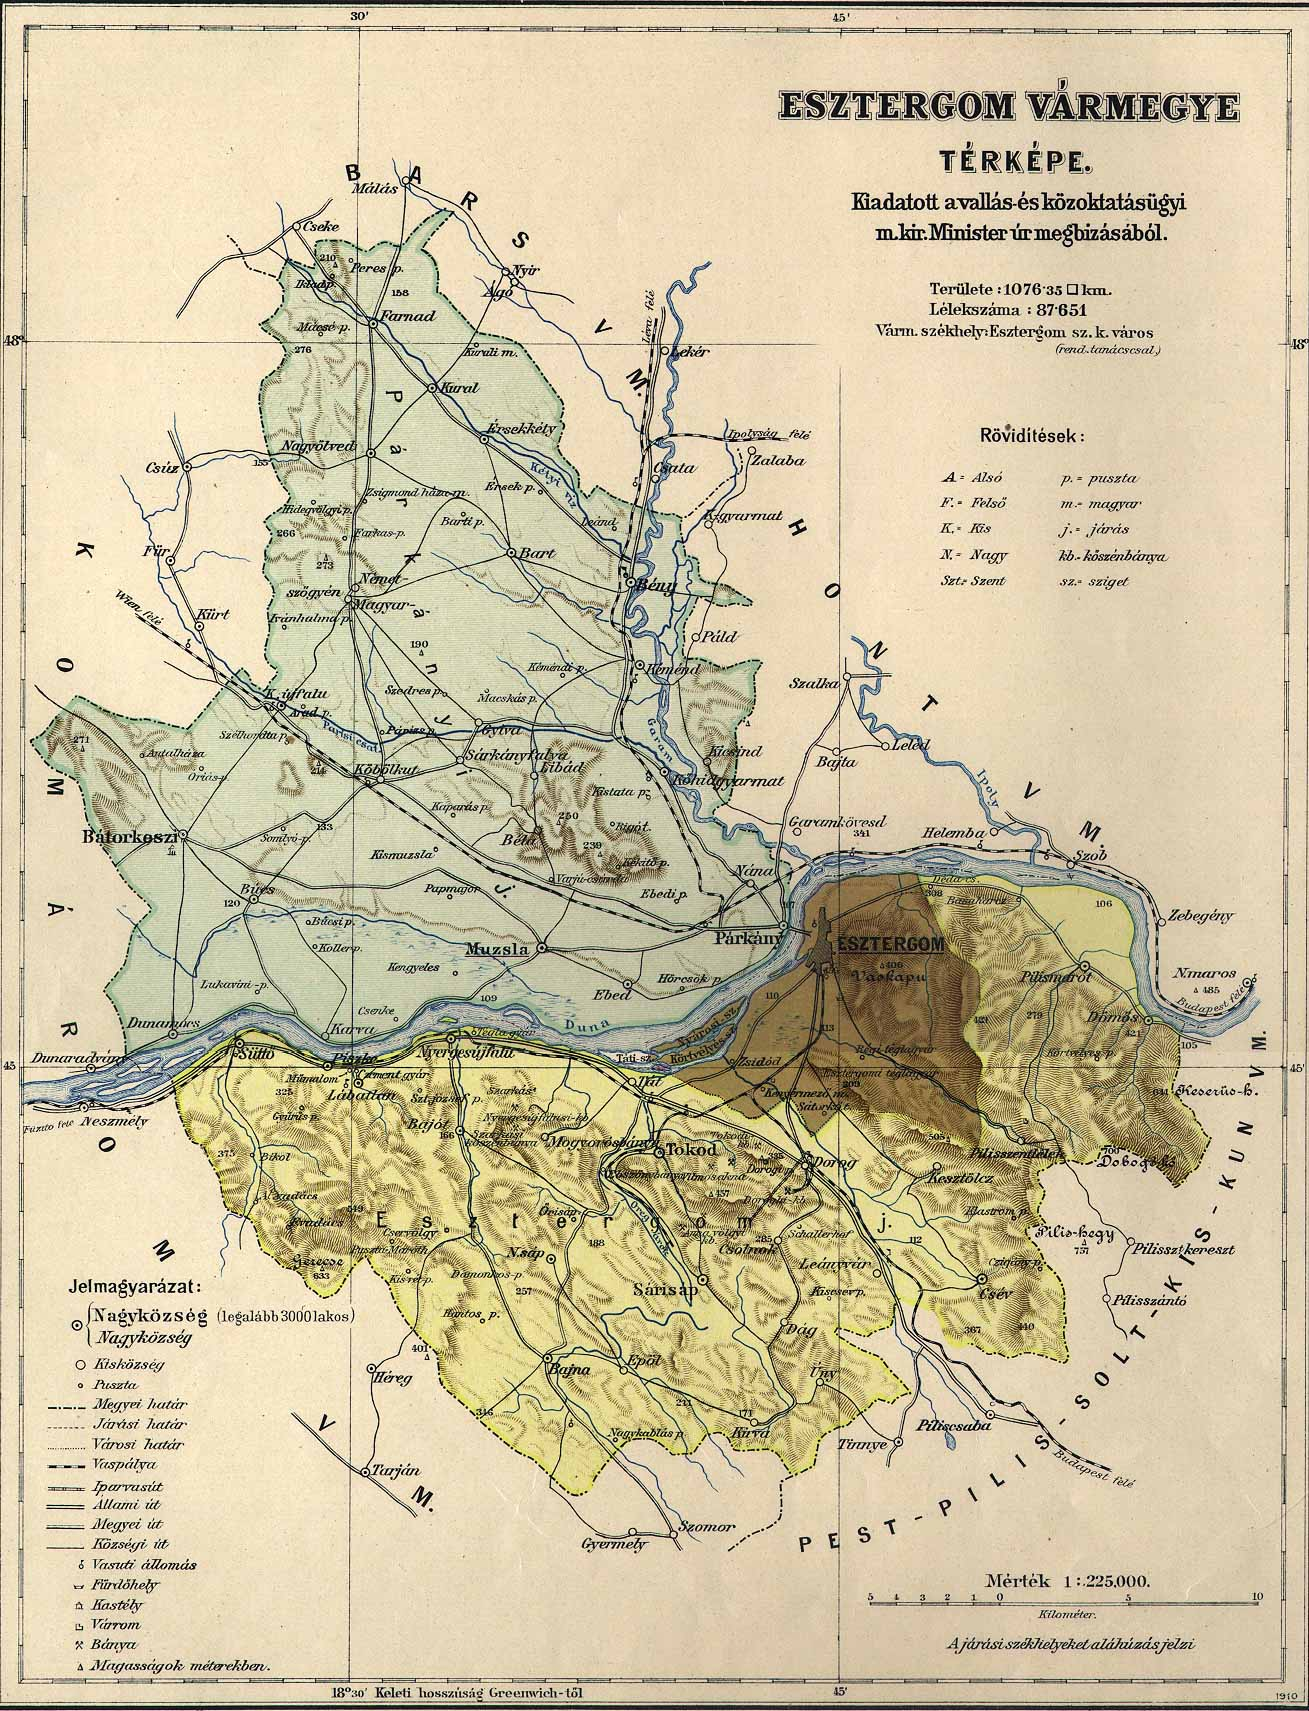 maps térkép Osztrák Magyar Monarchia varmegyei (1910)